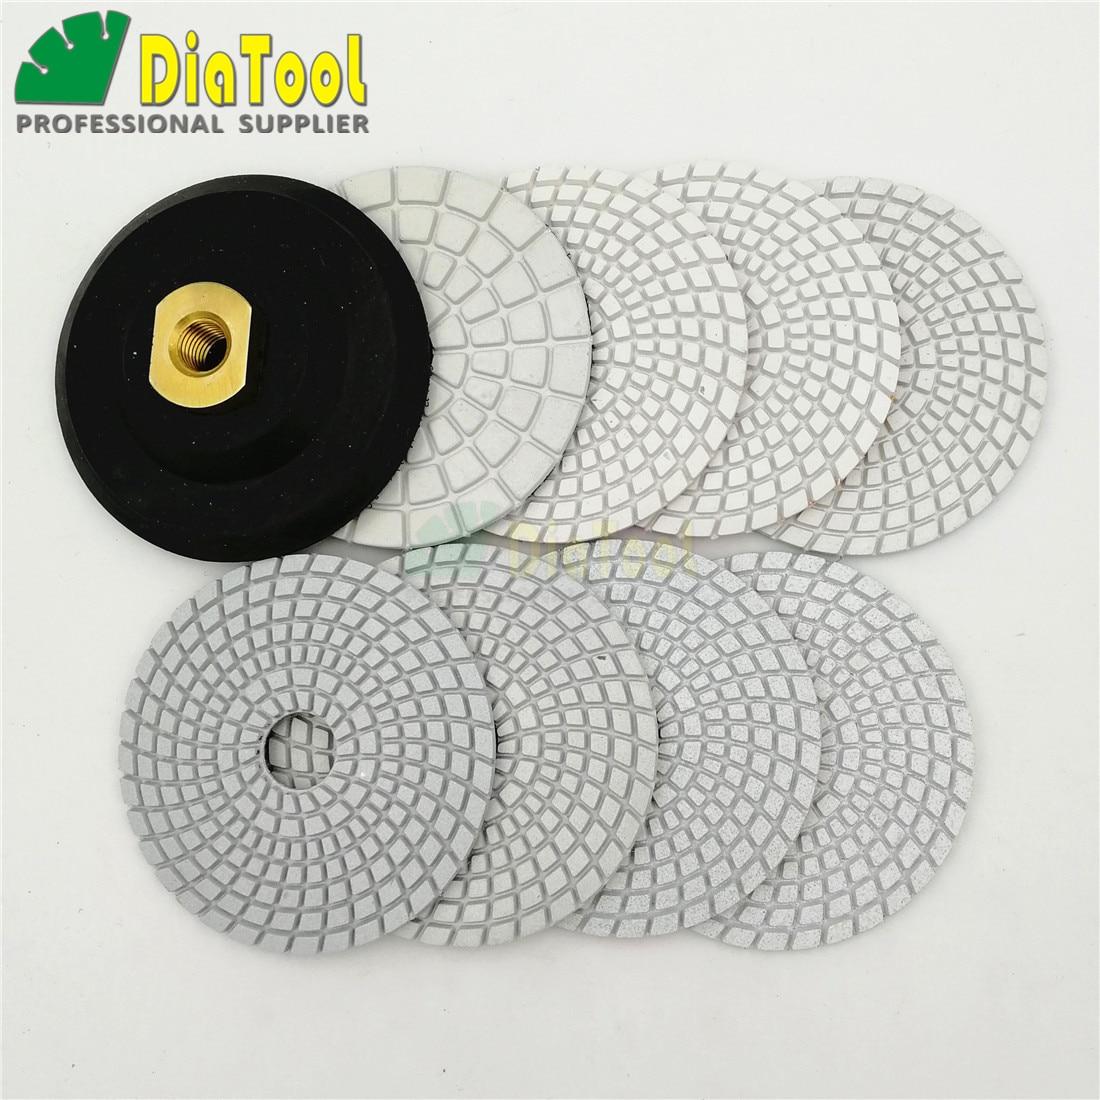 DIATOOL Diamant Tampons de Polissage Humides avec Liant de R/ésine Blanc pour Marbre Granit Gruau Mixte Diam/ètre 4  Pack de 8